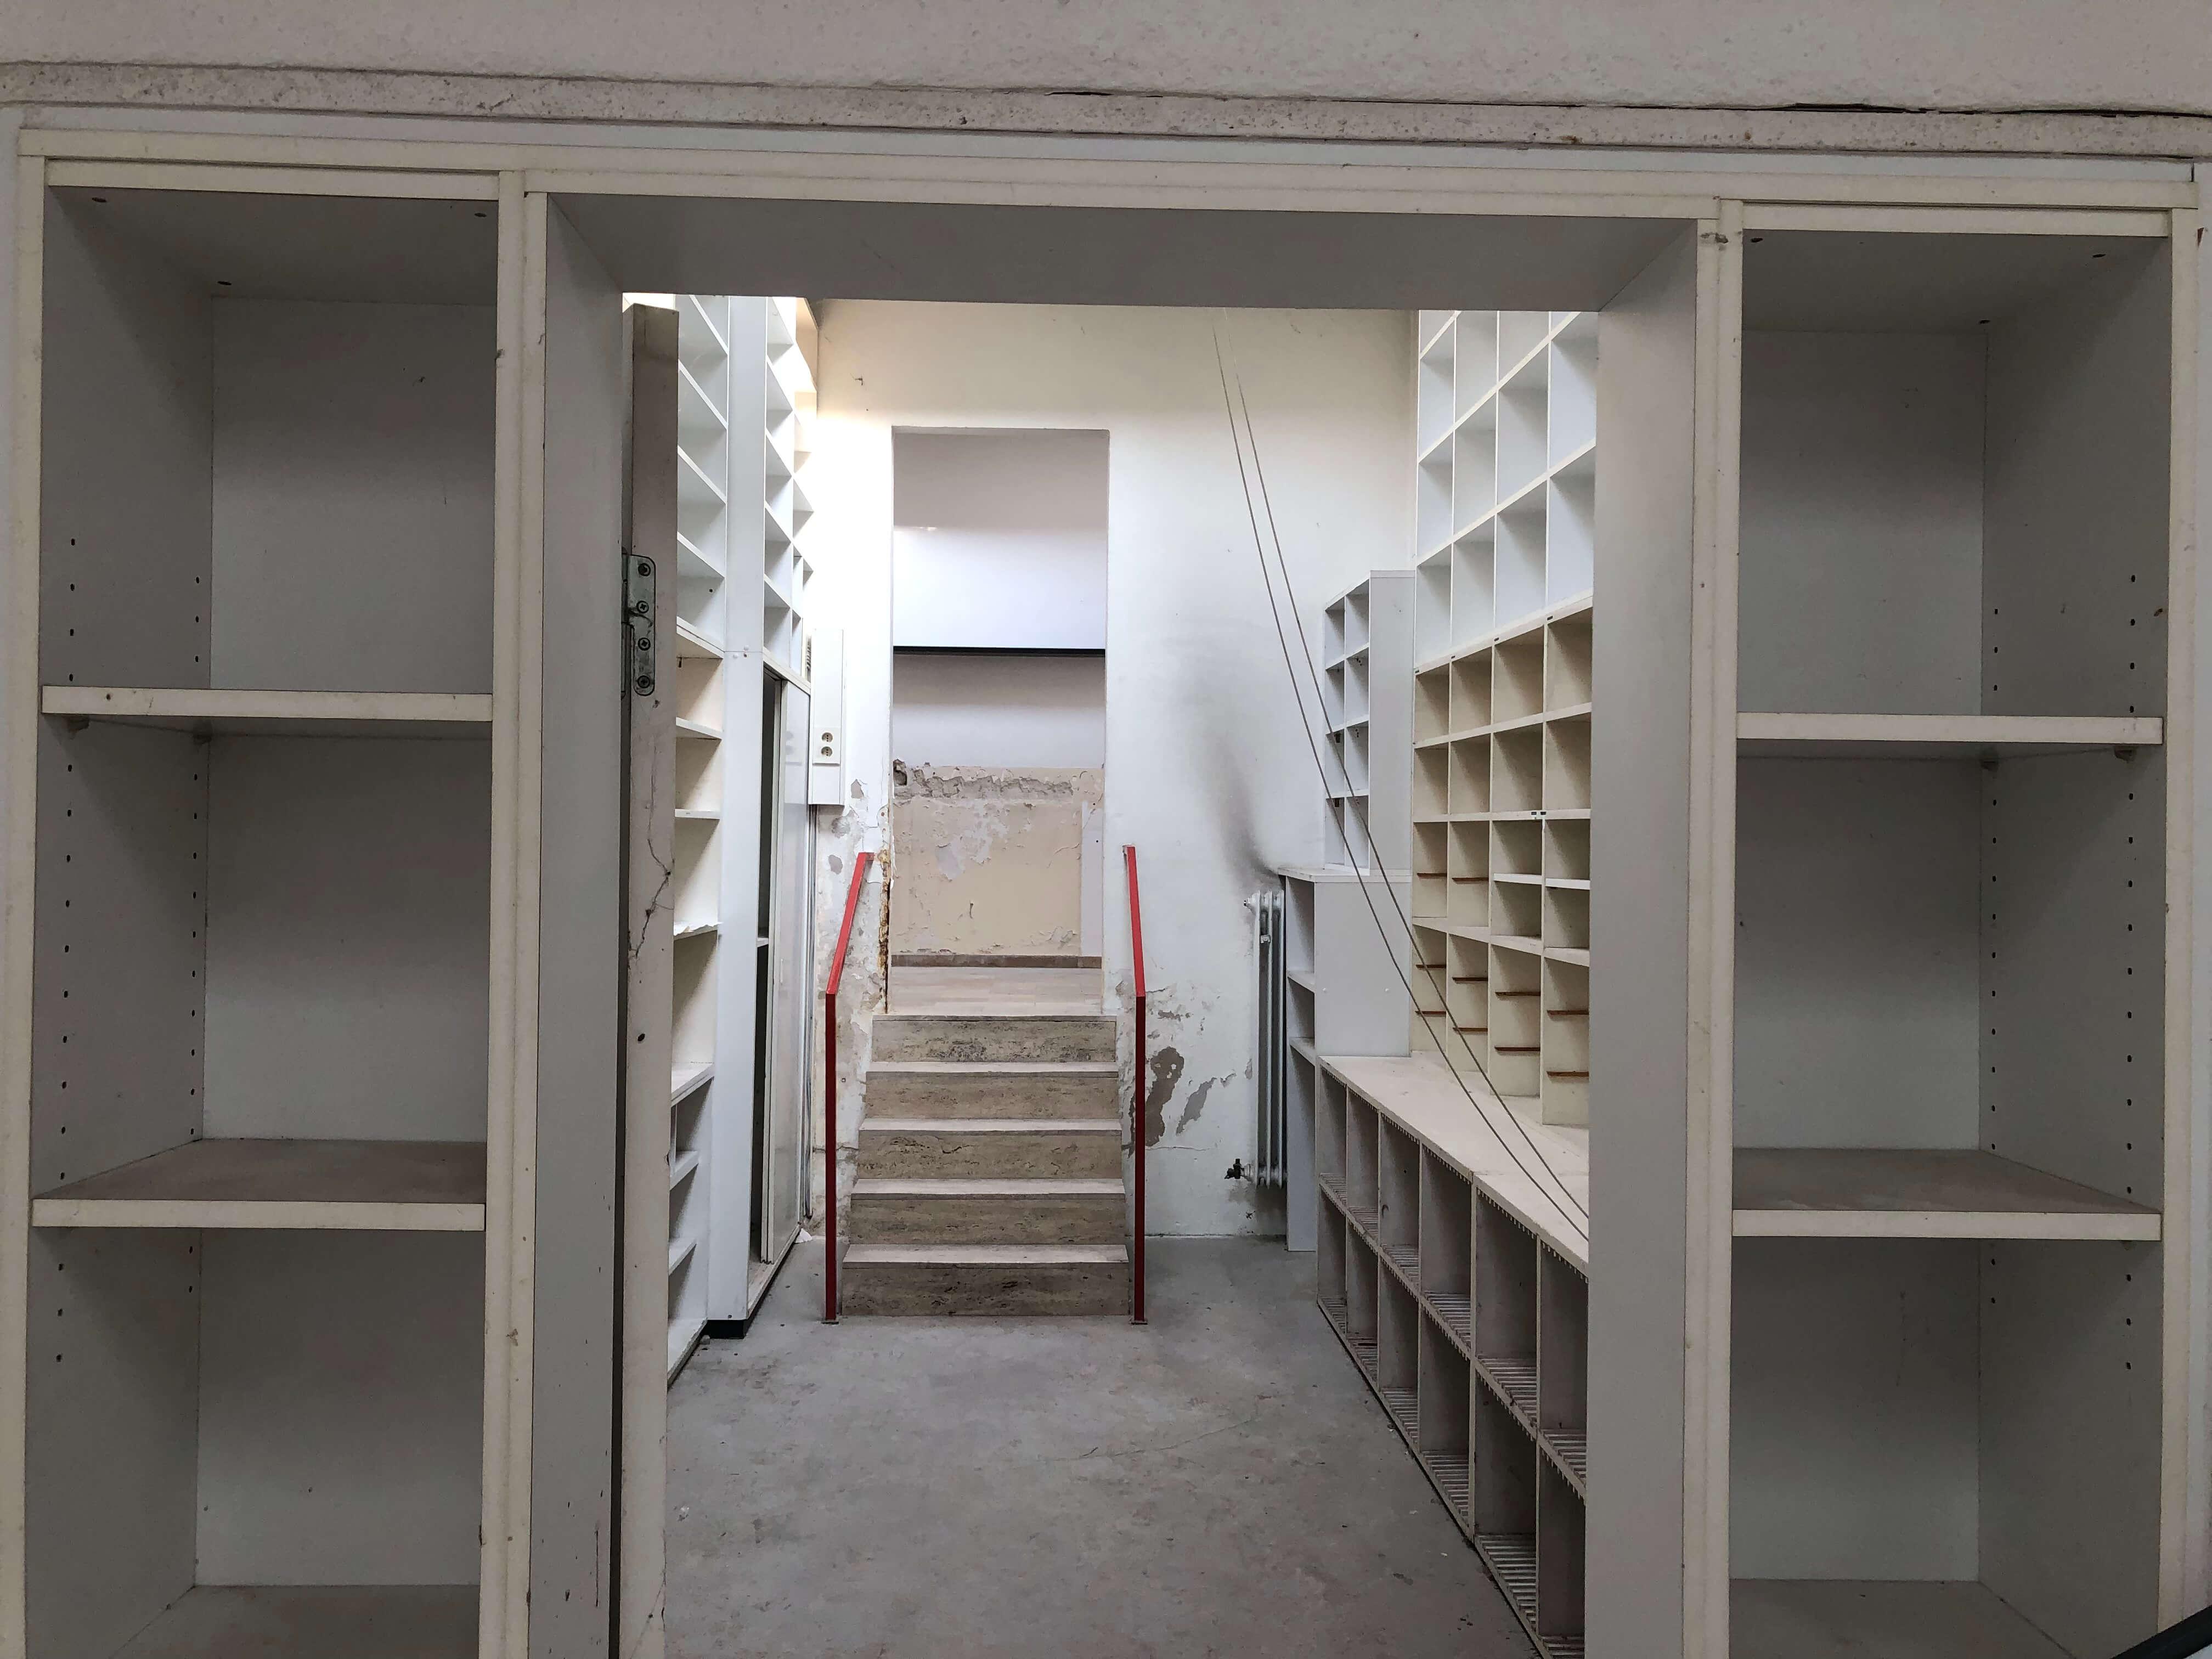 Das Archiv der Schriftensammlung – heute leerstehend und ungenutzt / Foto: FLOW WOLF